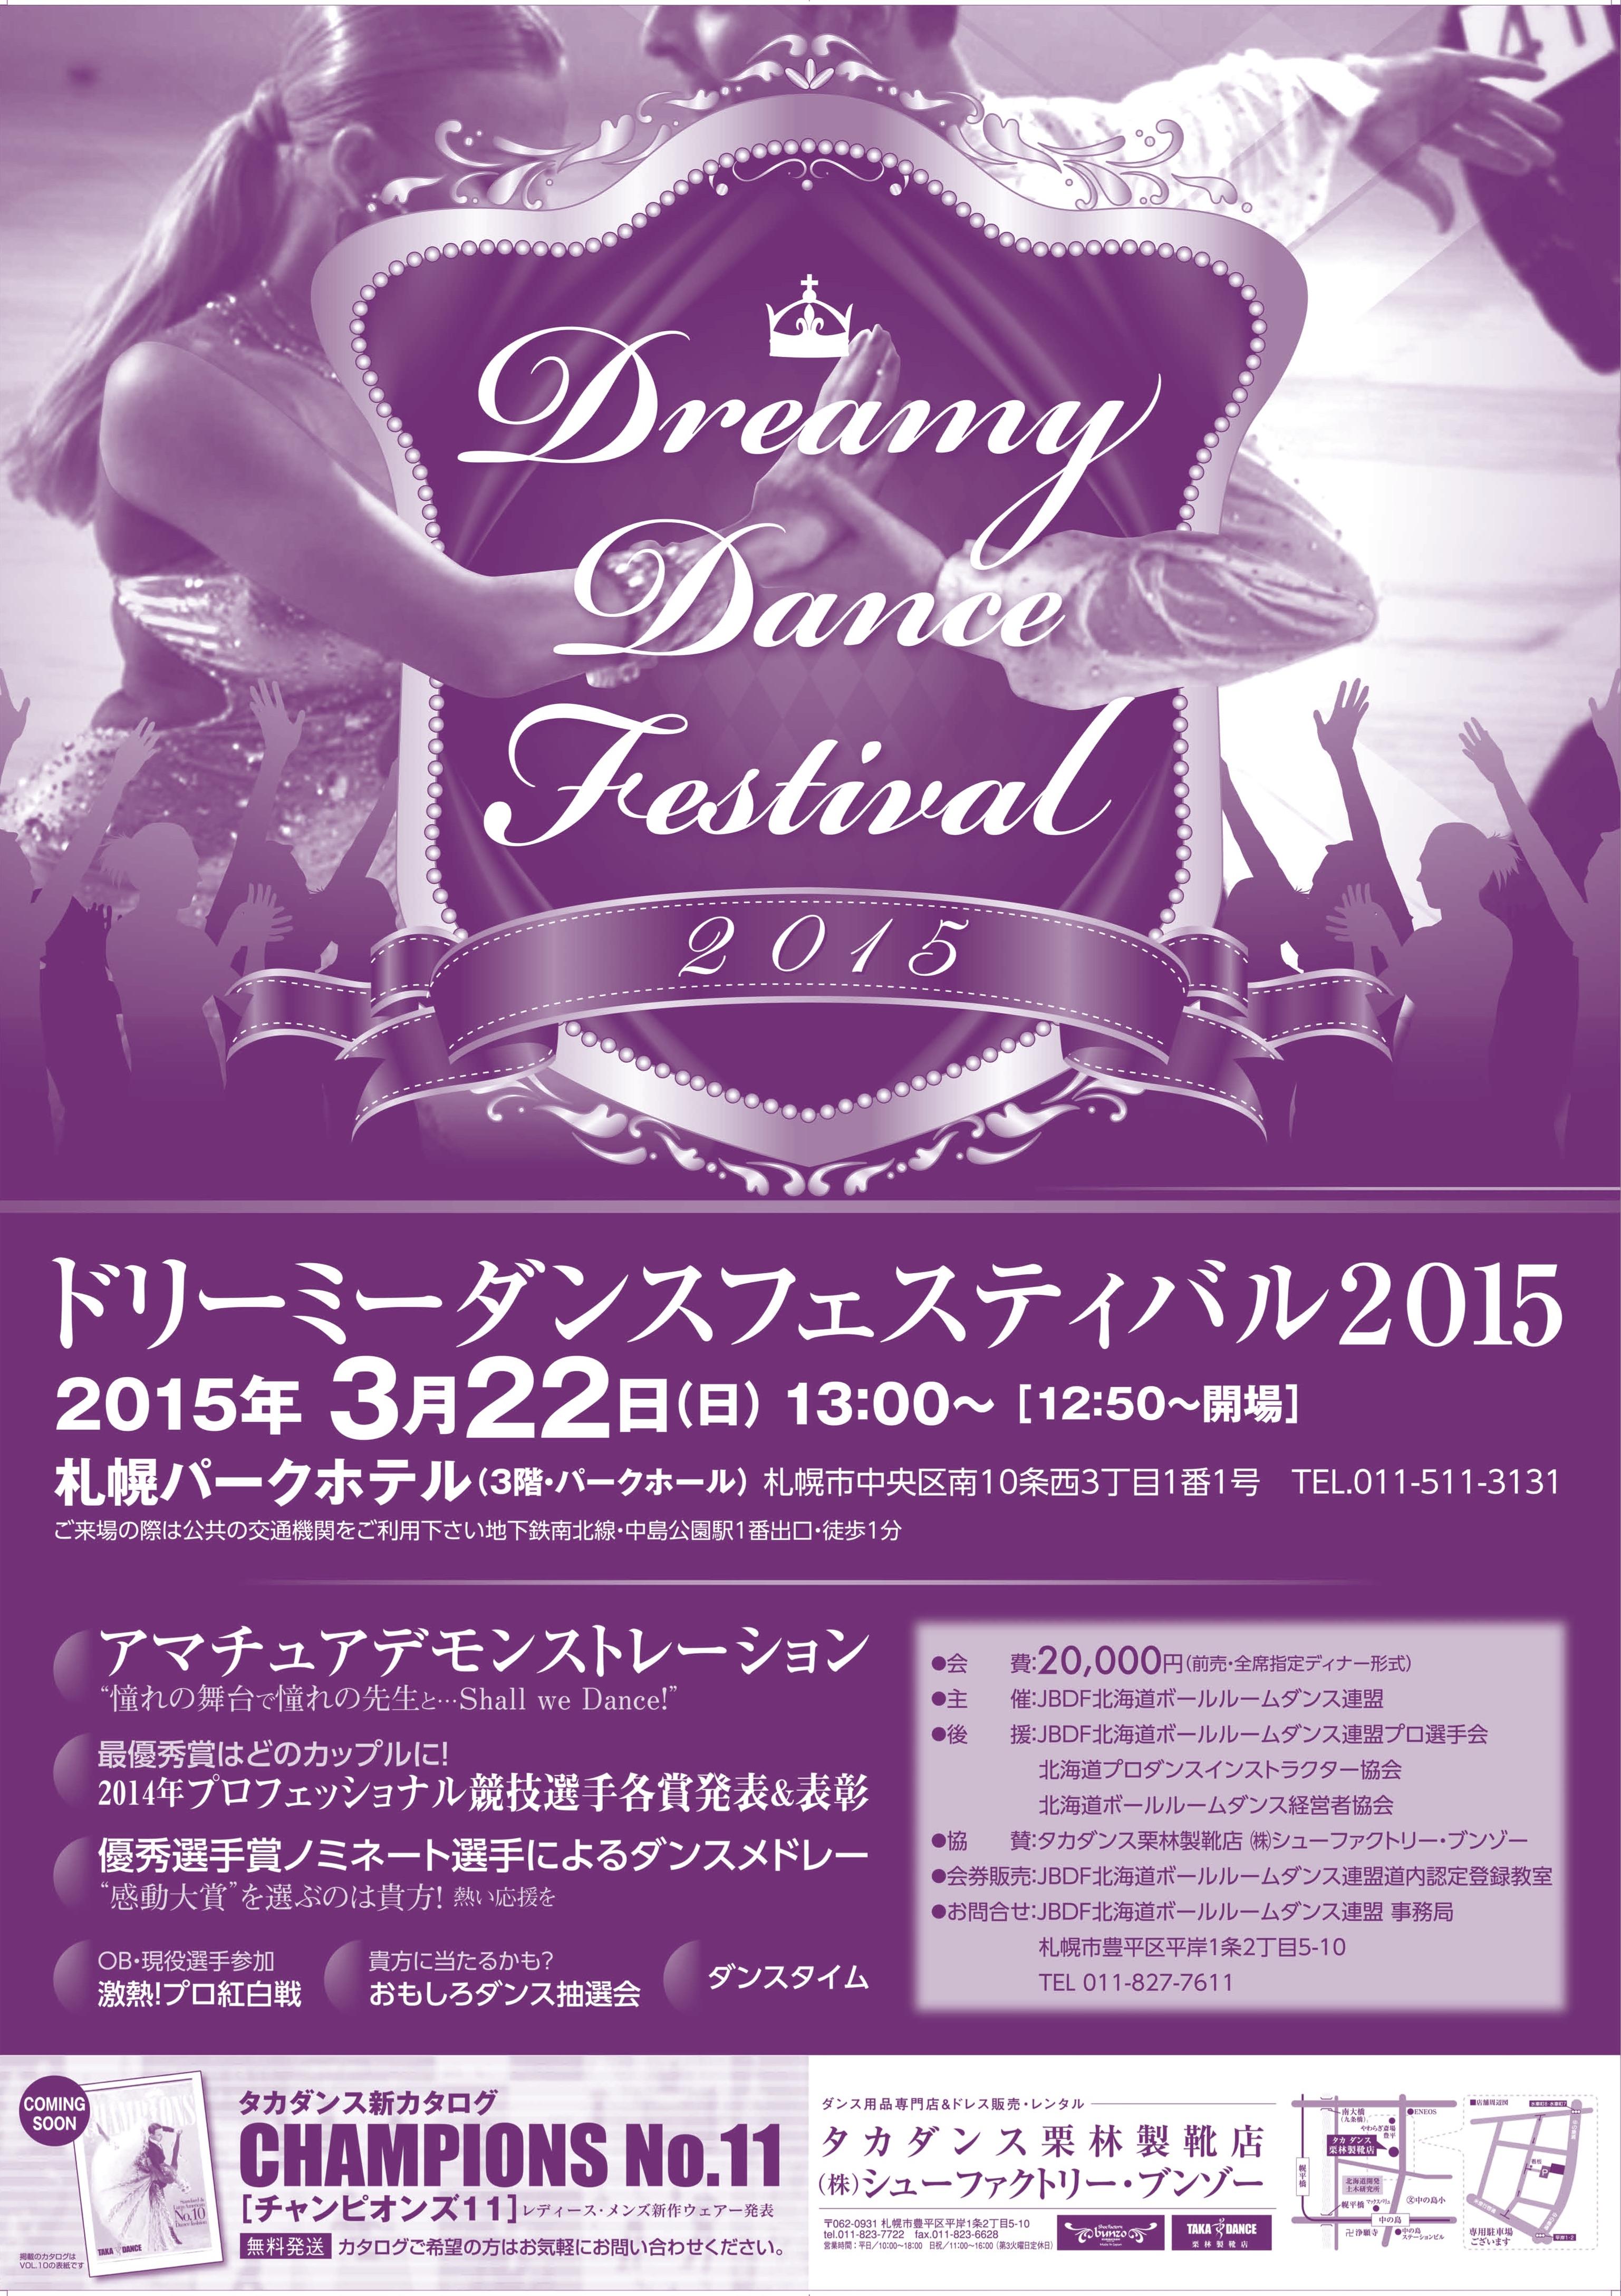 ドリーミーダンスフェスティバル2015